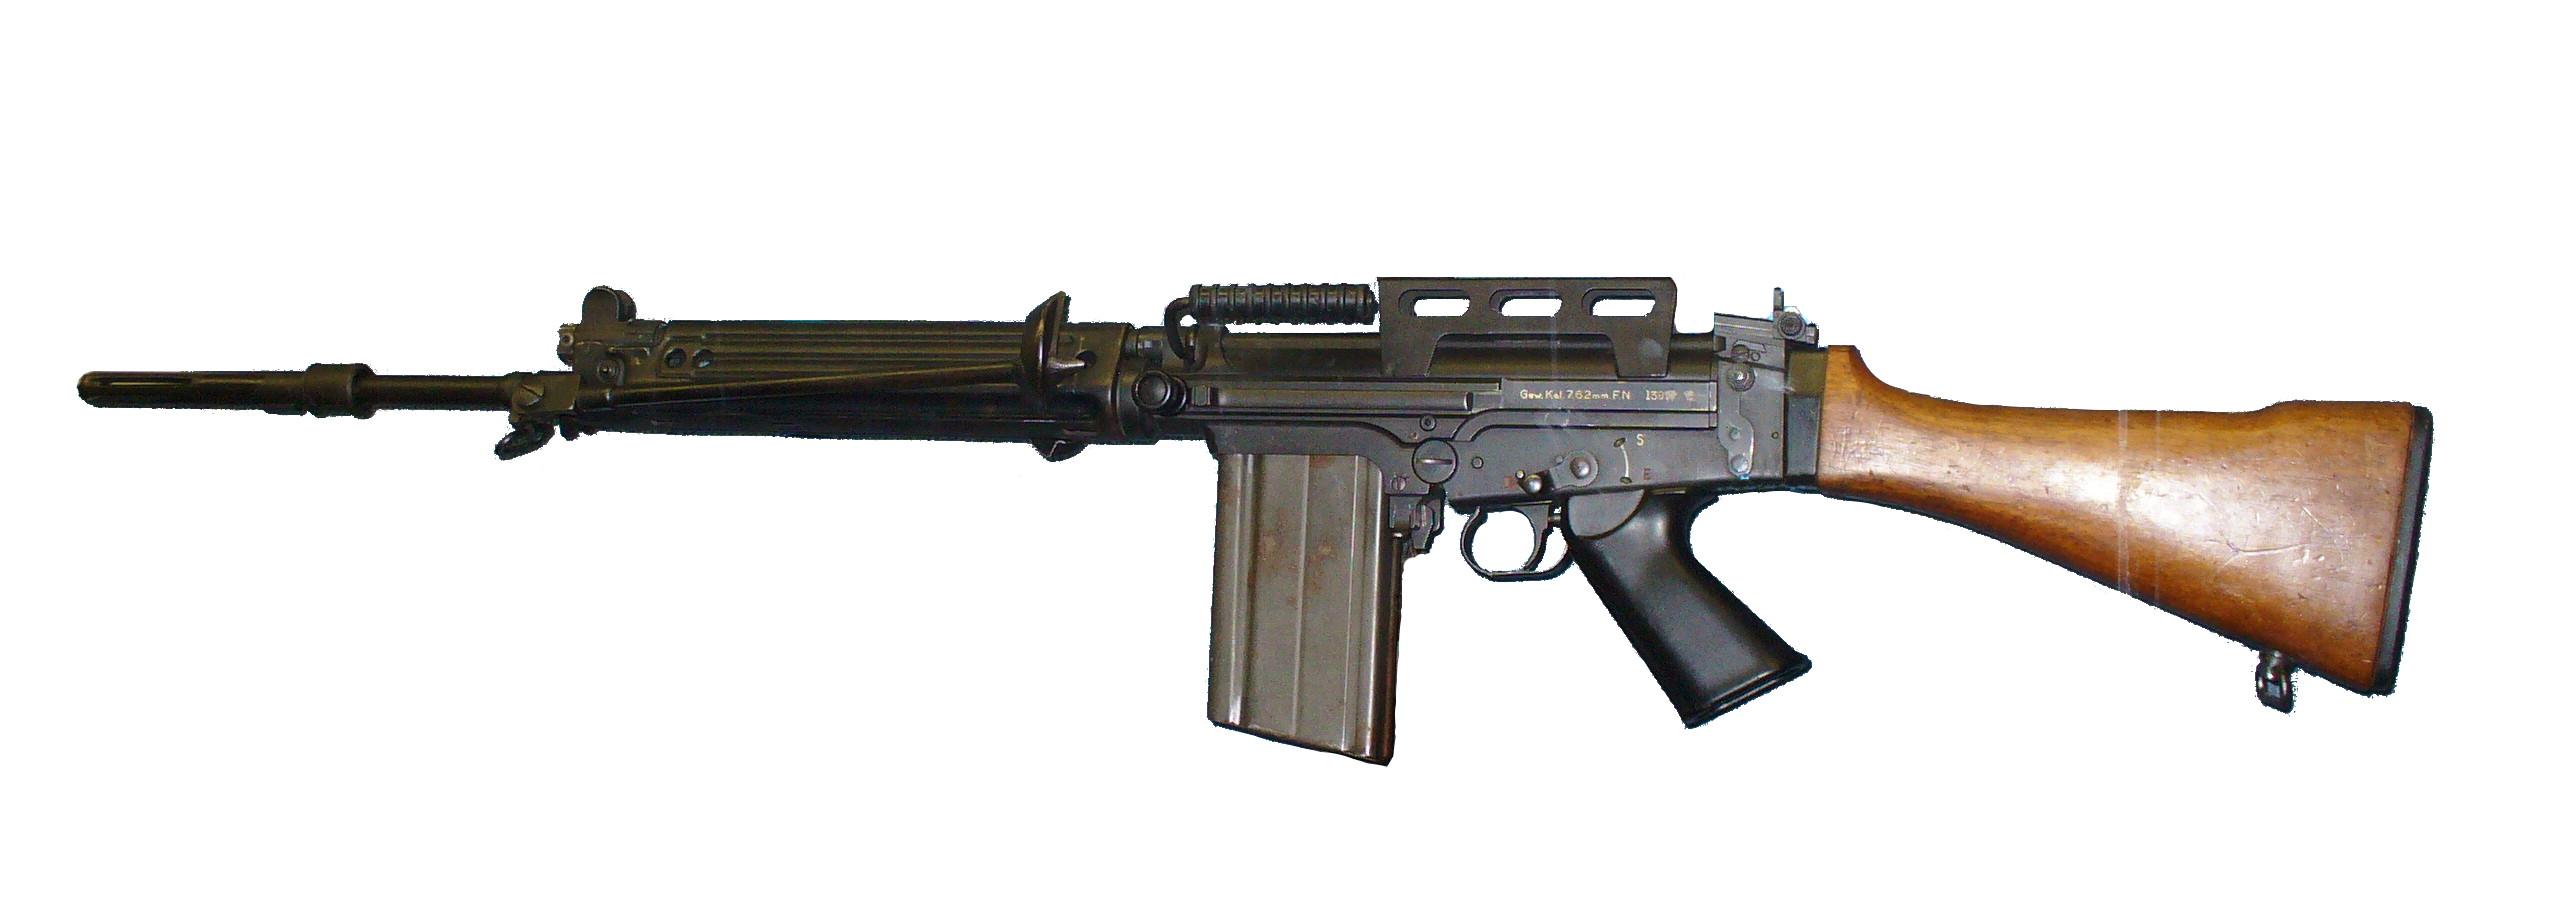 FN_FAL_rifle.JPG